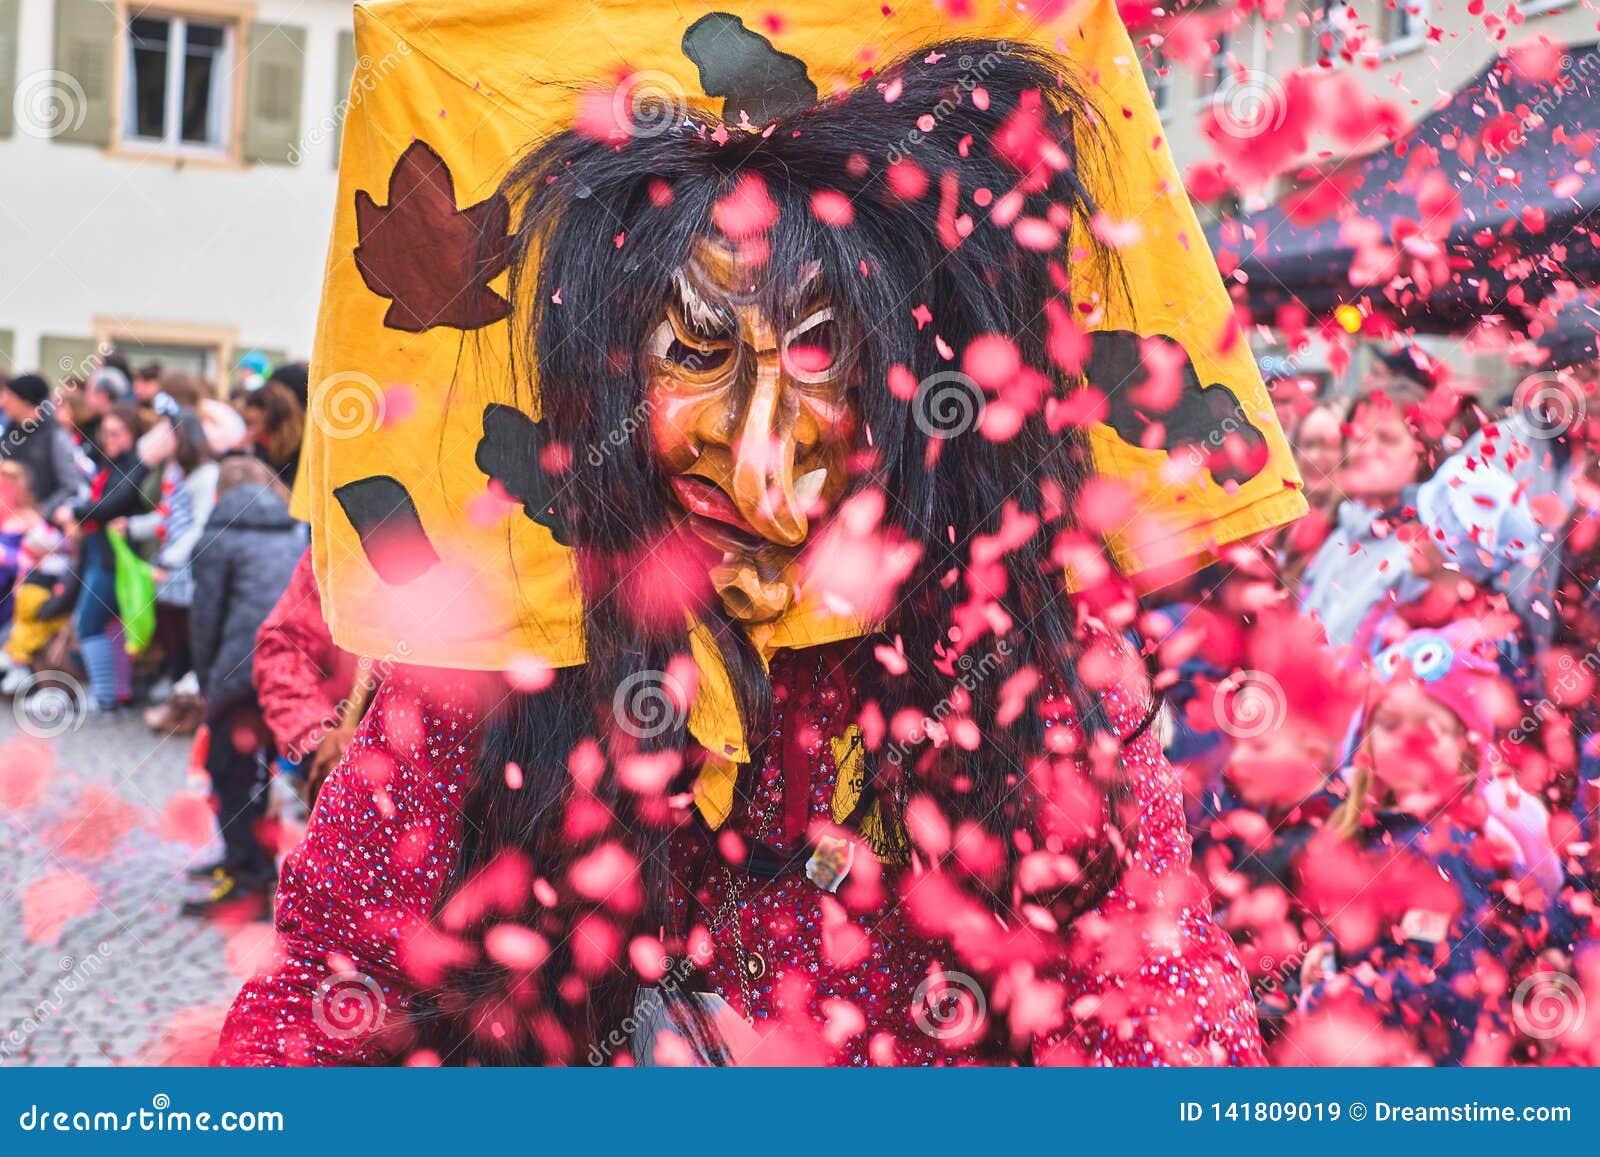 De heks met lang haar werpt rode confettien in de lucht Straat Carnaval in zuidelijk Duitsland - Zwart Bos